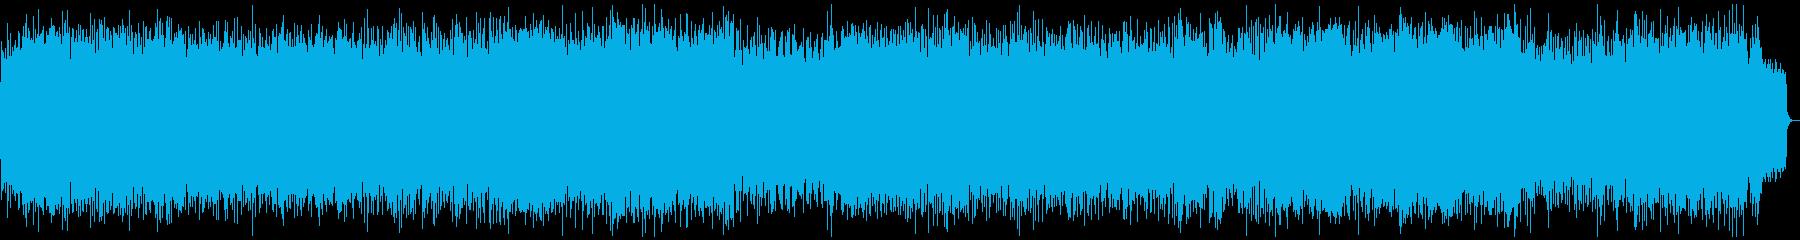 テンポの速いシンセリードの緊迫したメタルの再生済みの波形